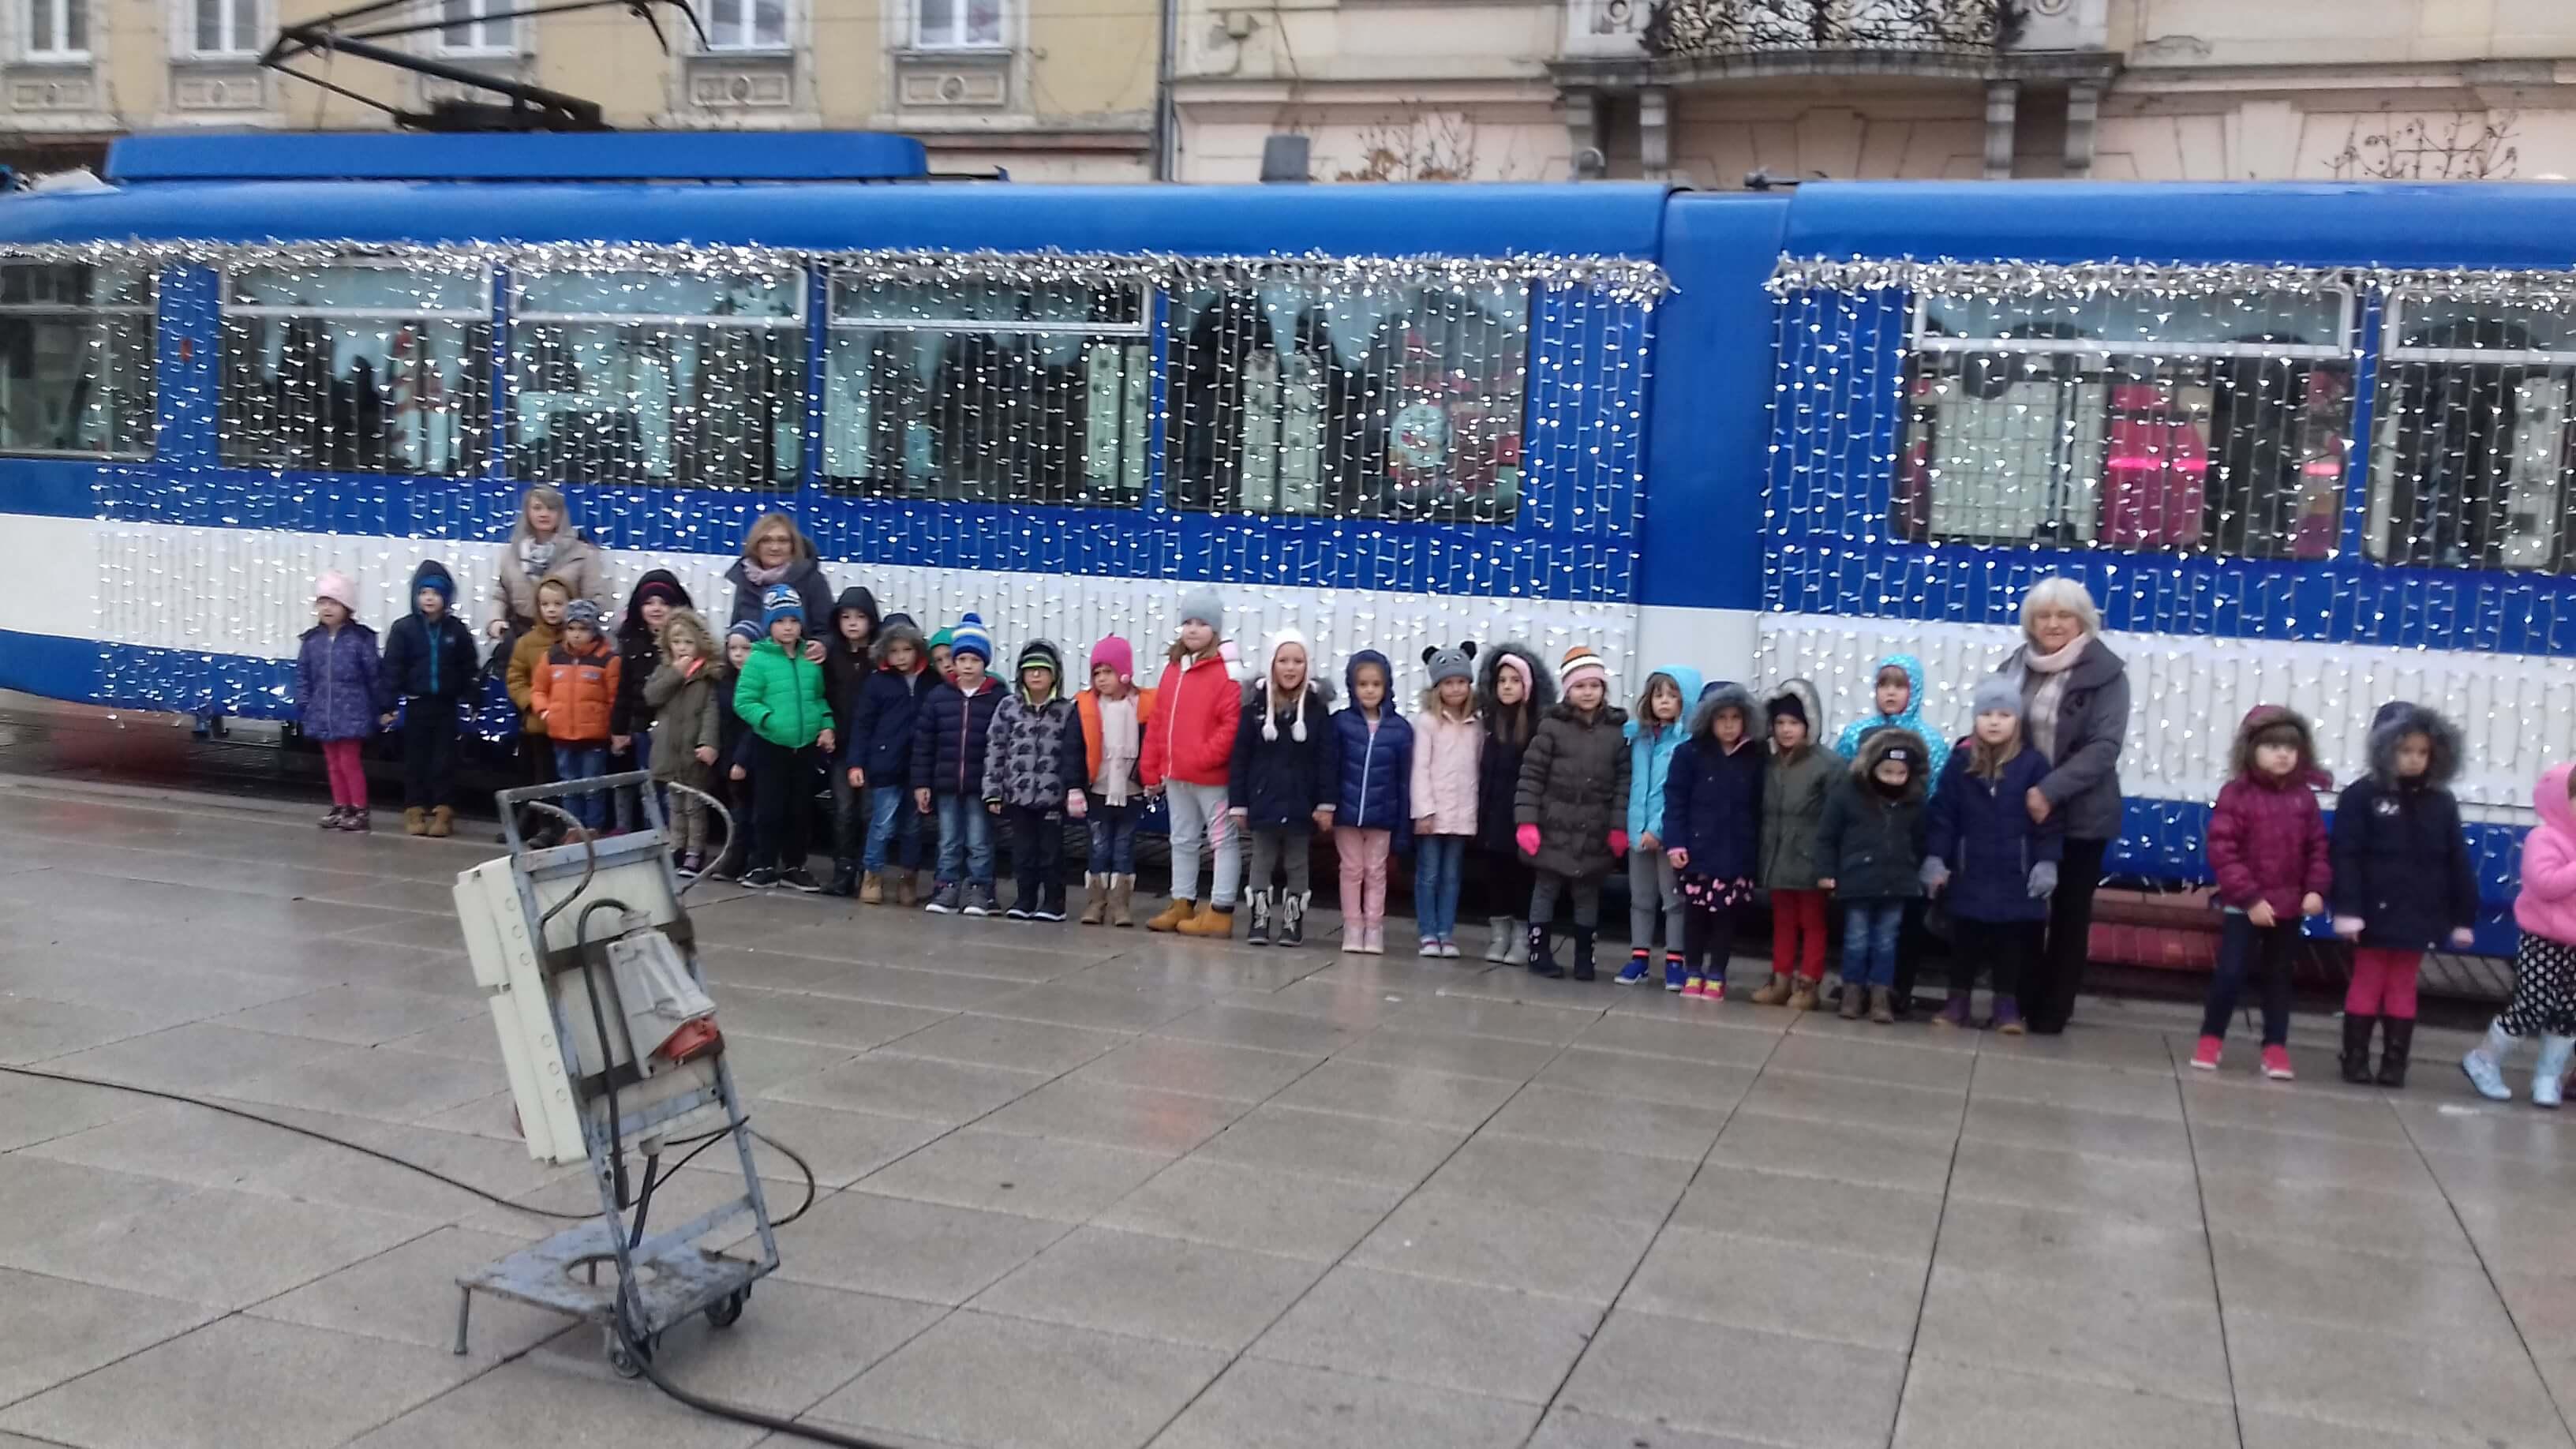 Bozicni tramvaj u Osijeku